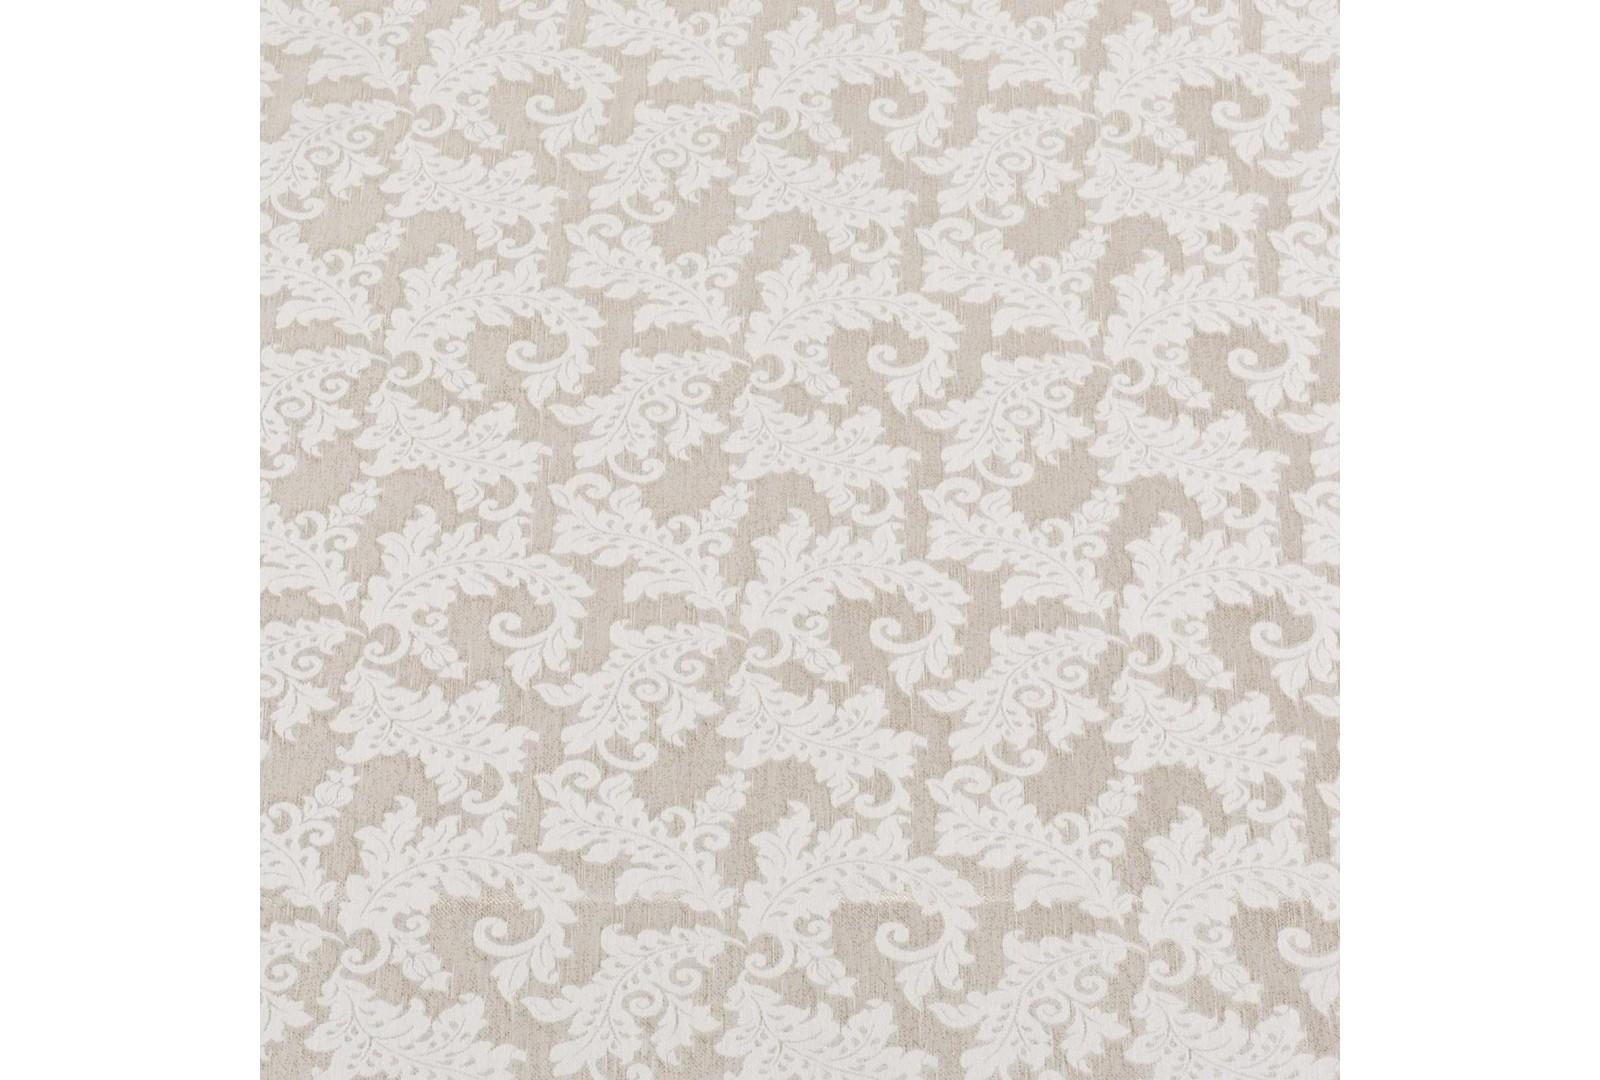 COJIN STELLA 115 - ORO Cojin 30x50 cms VACIO